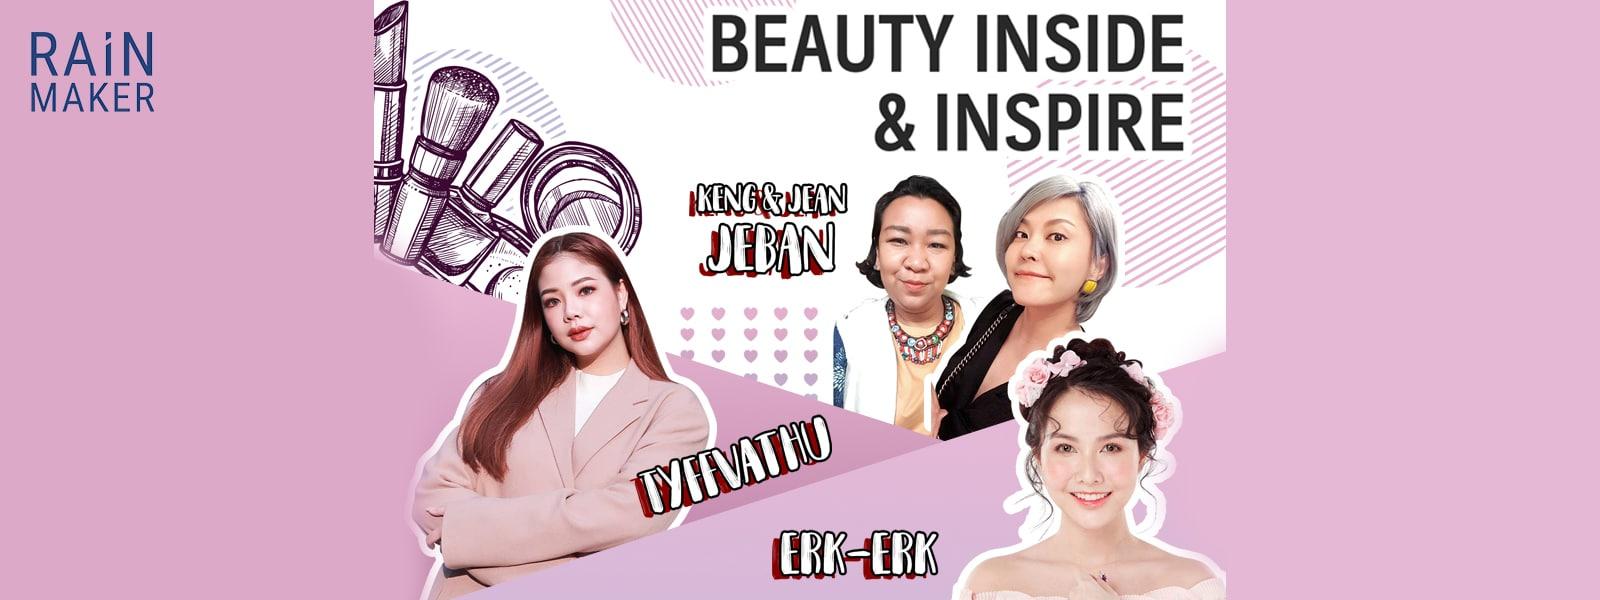 iCreator Meetup #3 ตอน Beauty Inside & Inspire รู้ลึกรู้จริงกับคนทำคอนเทนต์บิวตี้